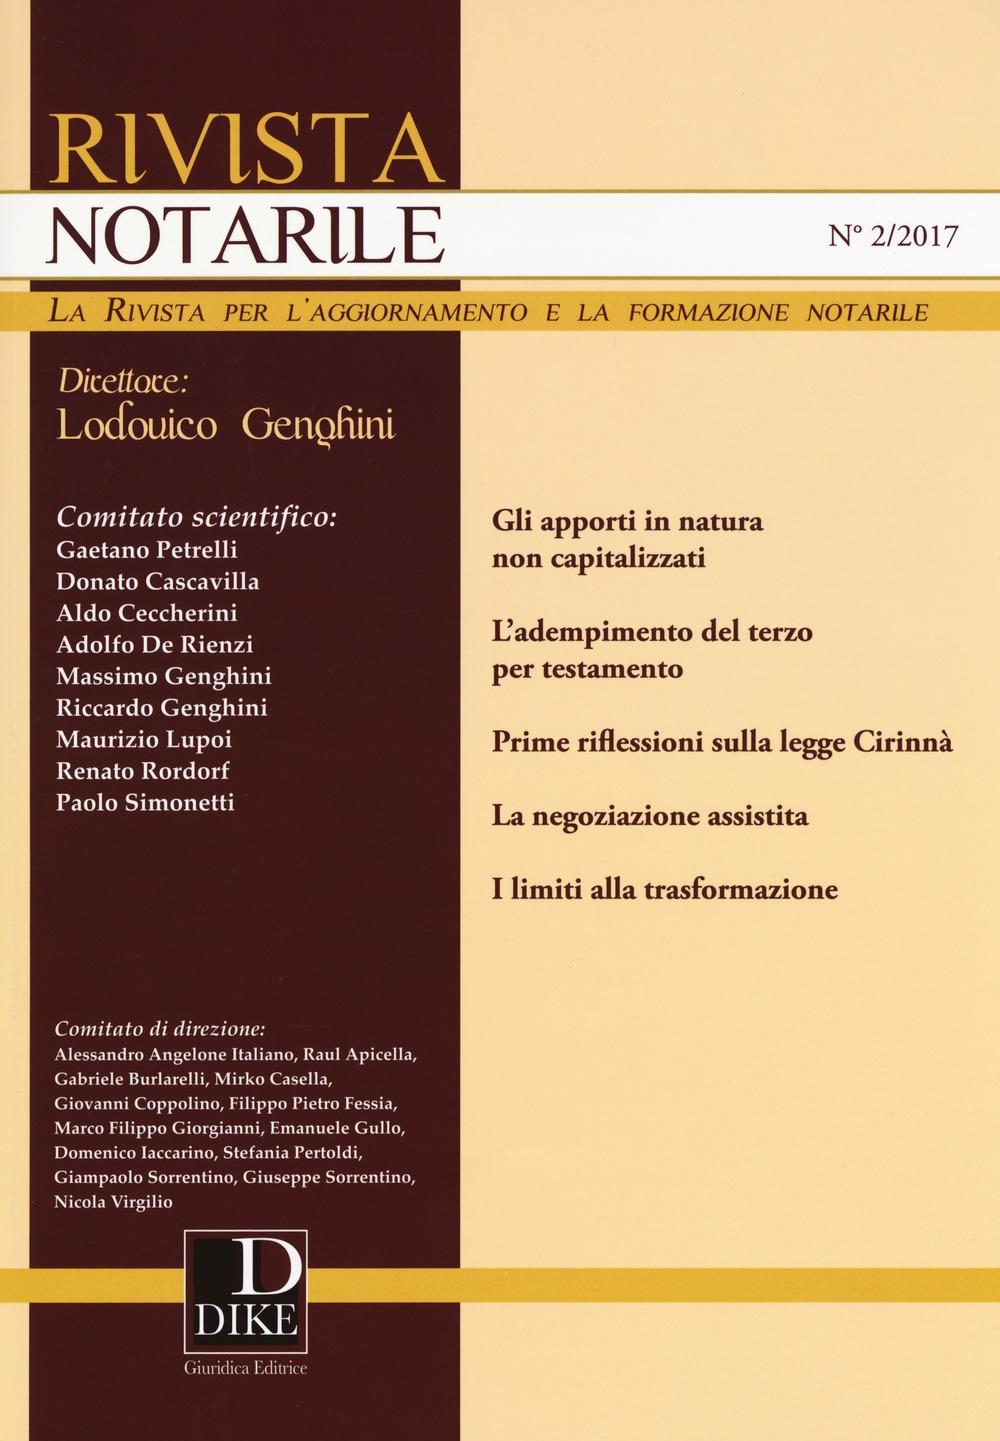 Rivista notarile (2017). Vol. 2